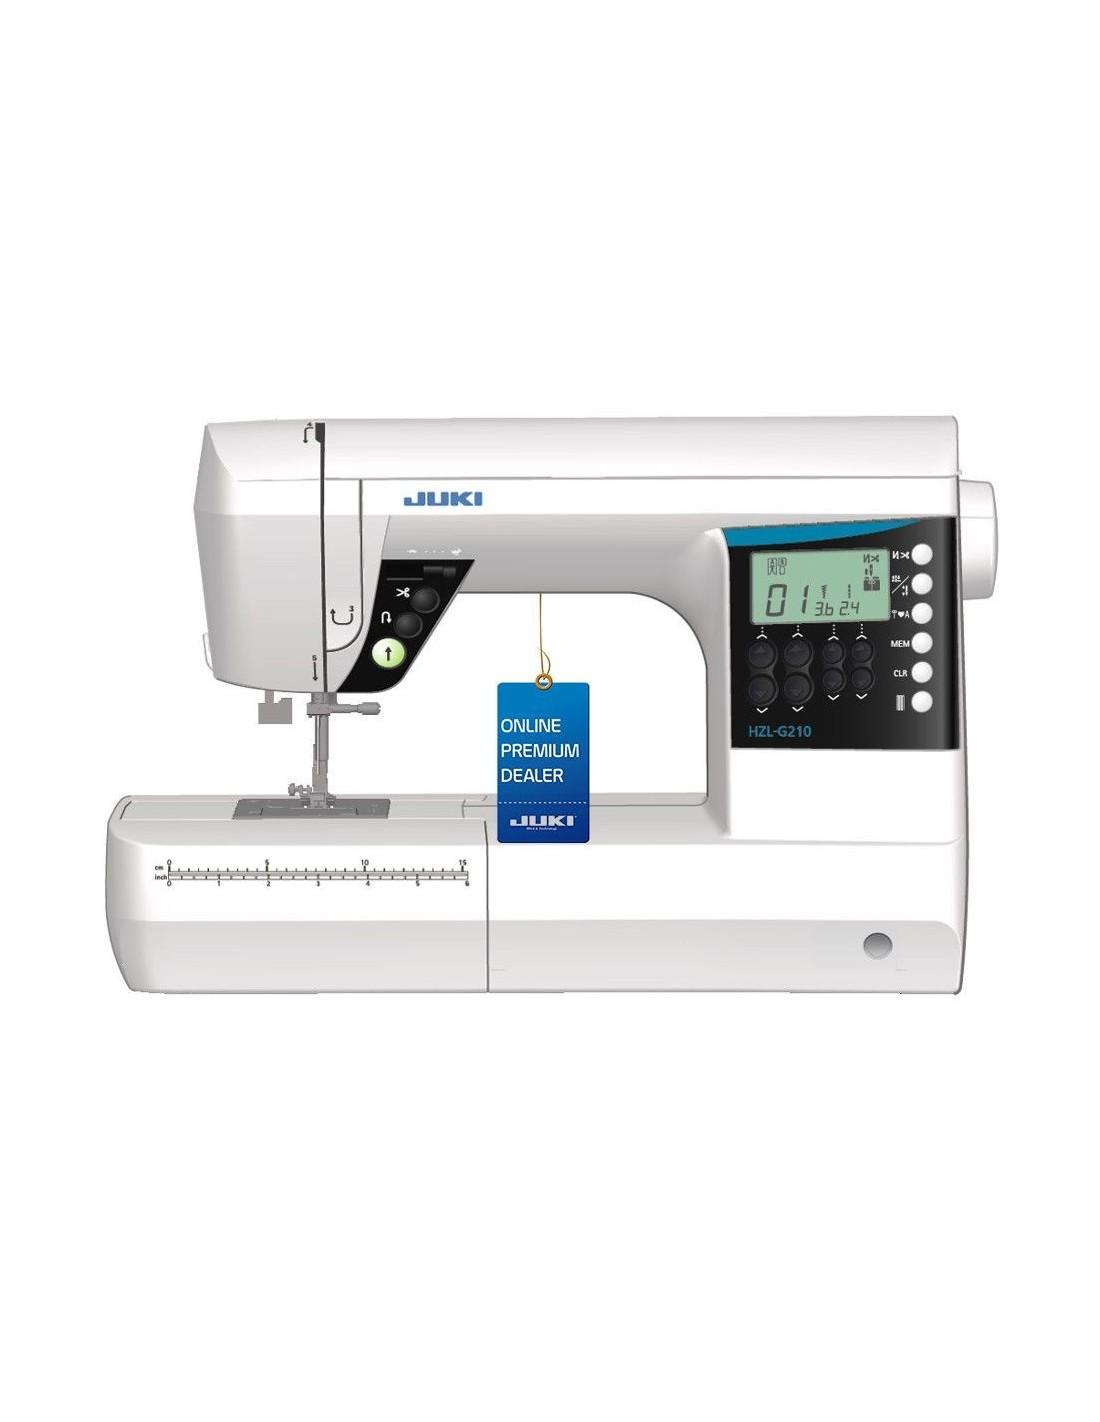 Macchina da cucire juki hzl g210 macchine per cucire - Macchina da cucire ikea opinioni ...